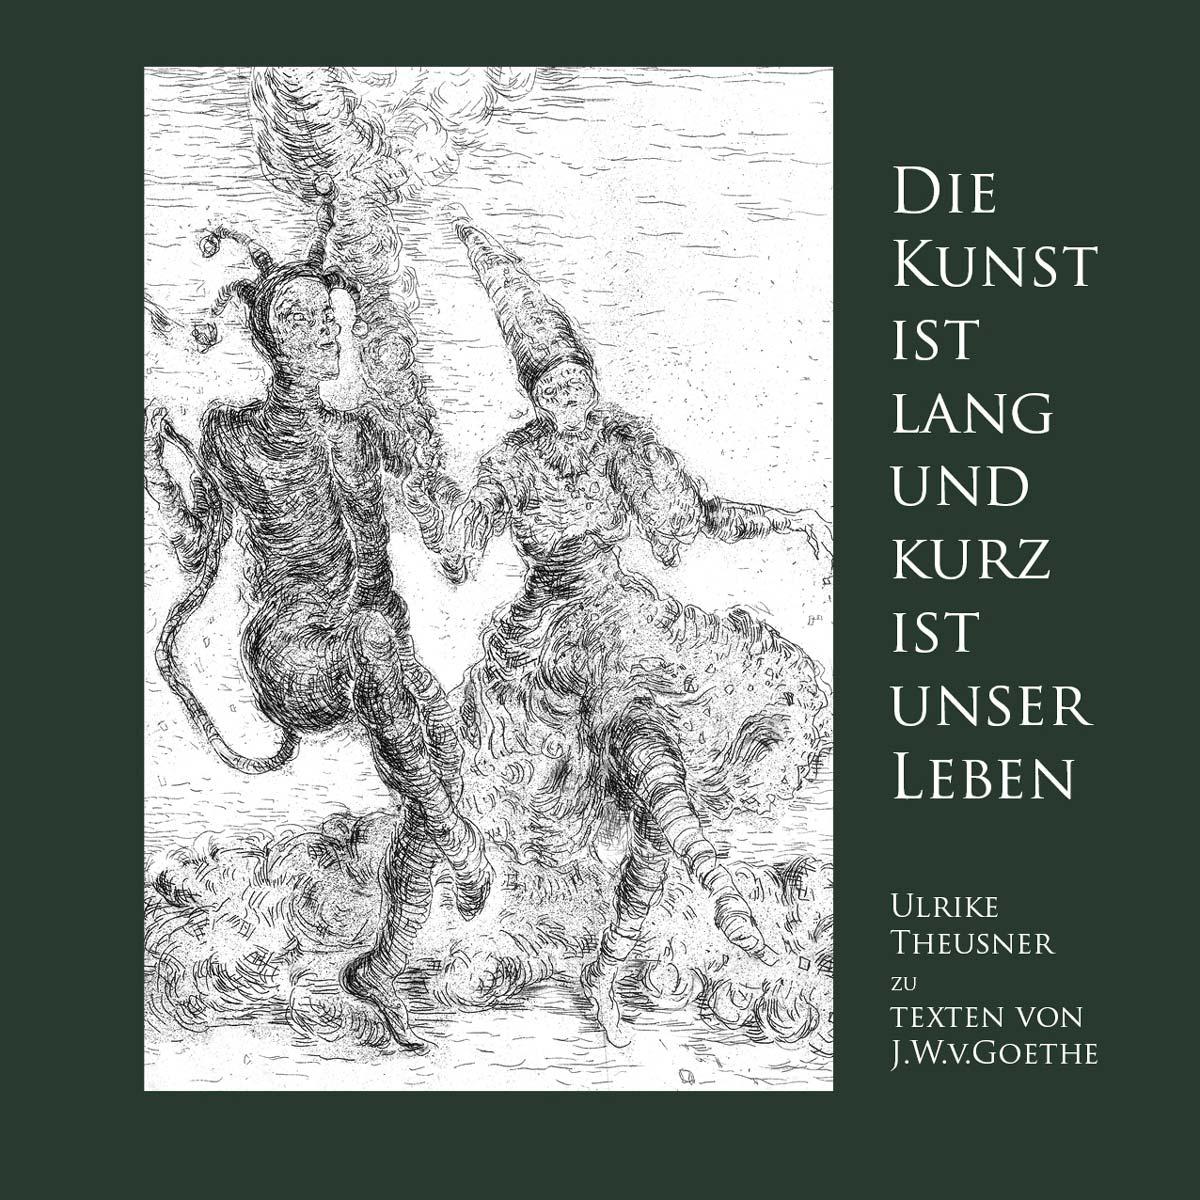 978-3-945482-87-2 Die Kunst ist Lang Ulrike Theusner